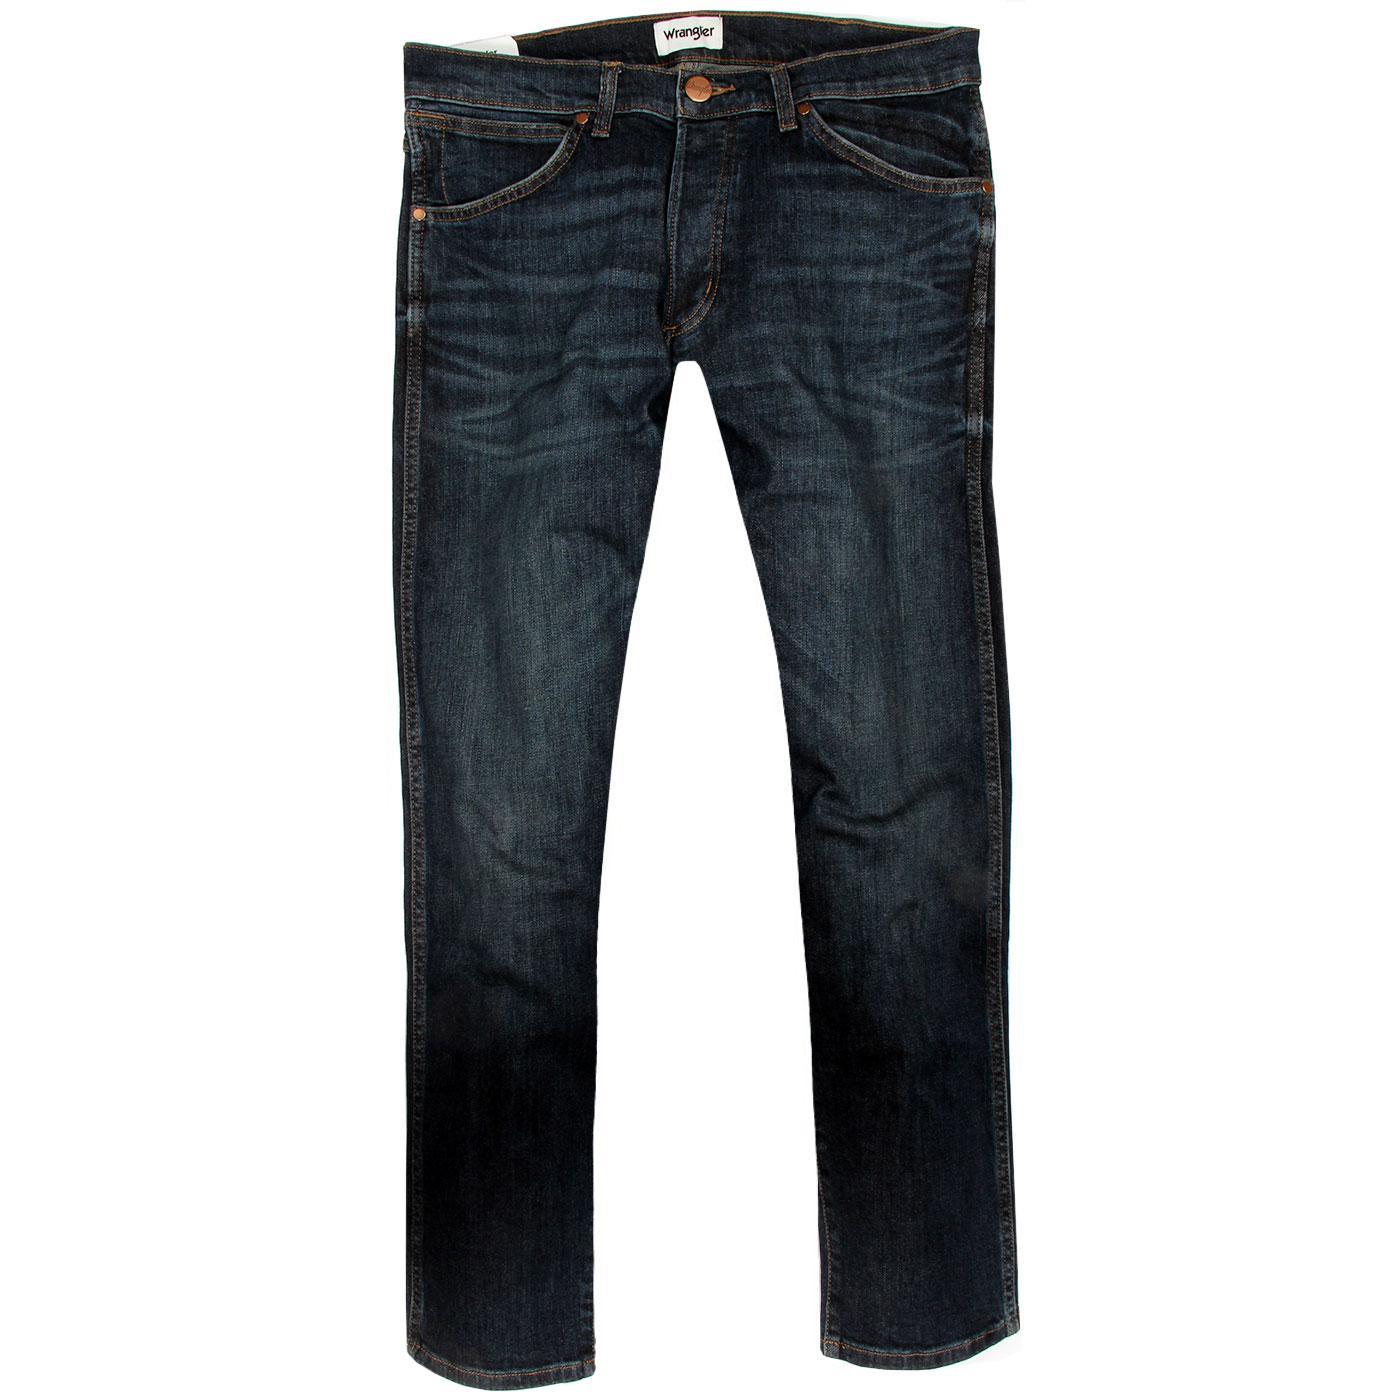 Slider WRANGLER Regular Tapered Jeans - Green Echo